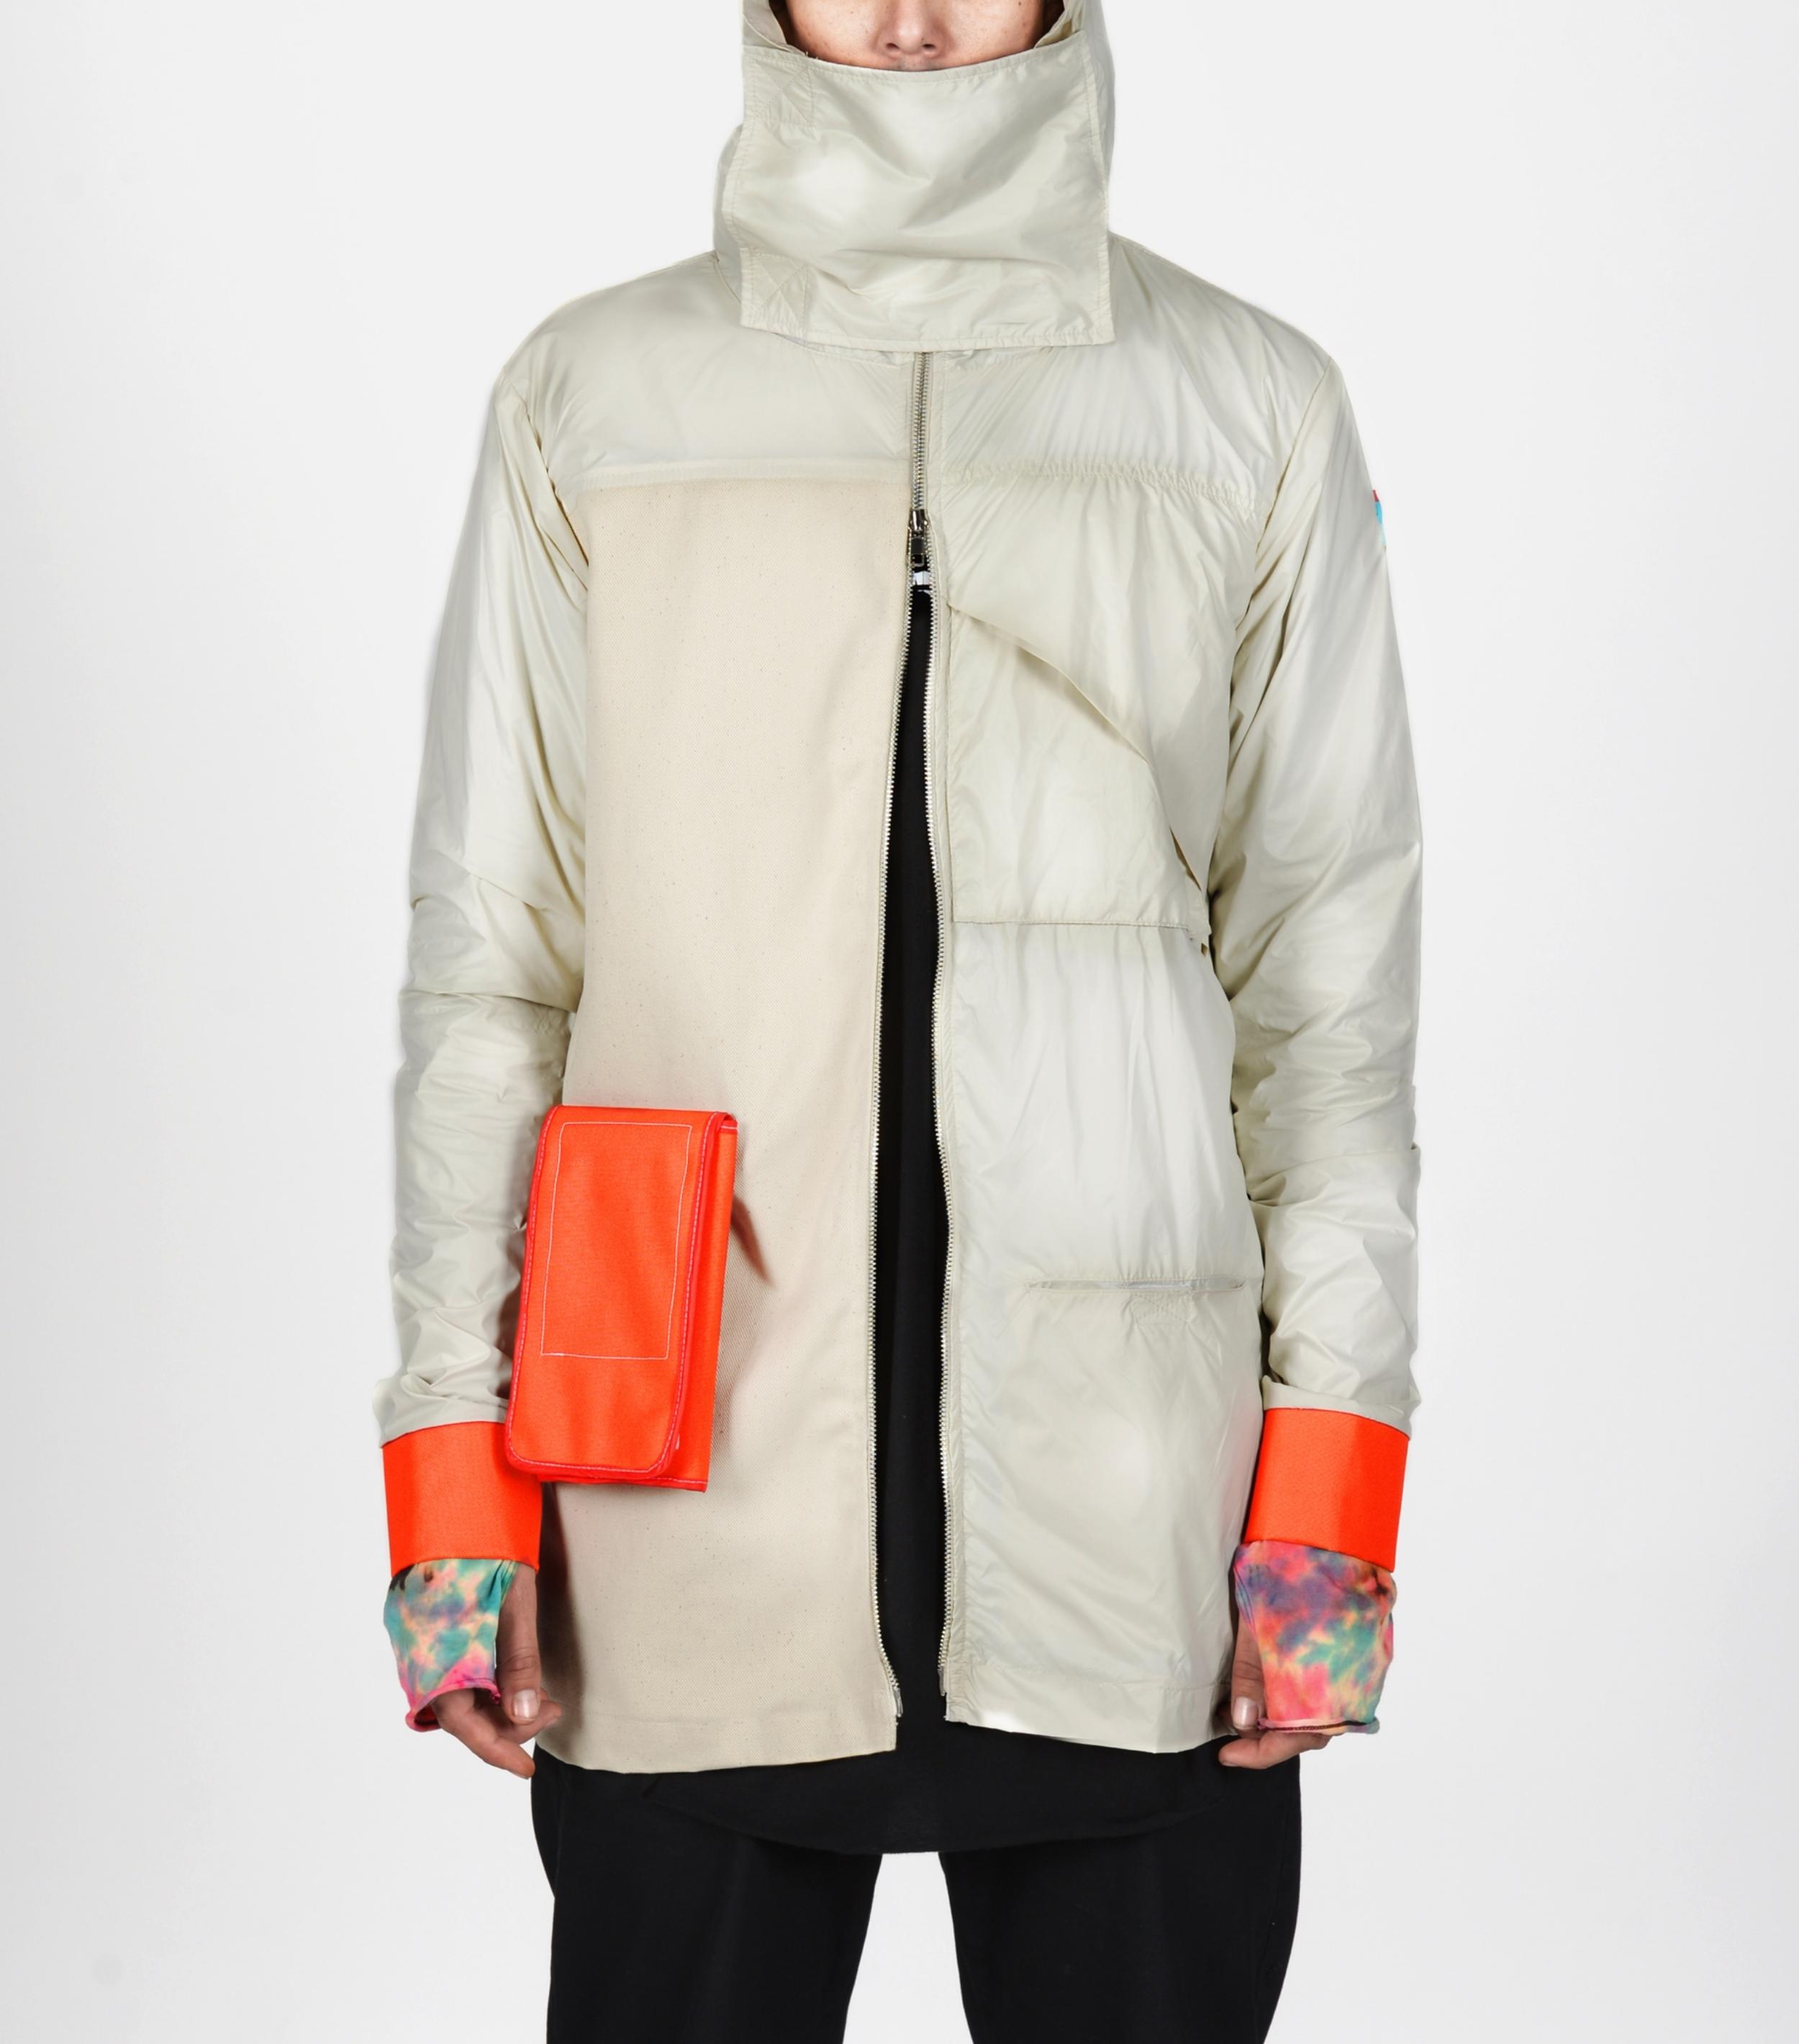 03 Heightened Sense Hoodie Orange Pocket.jpg